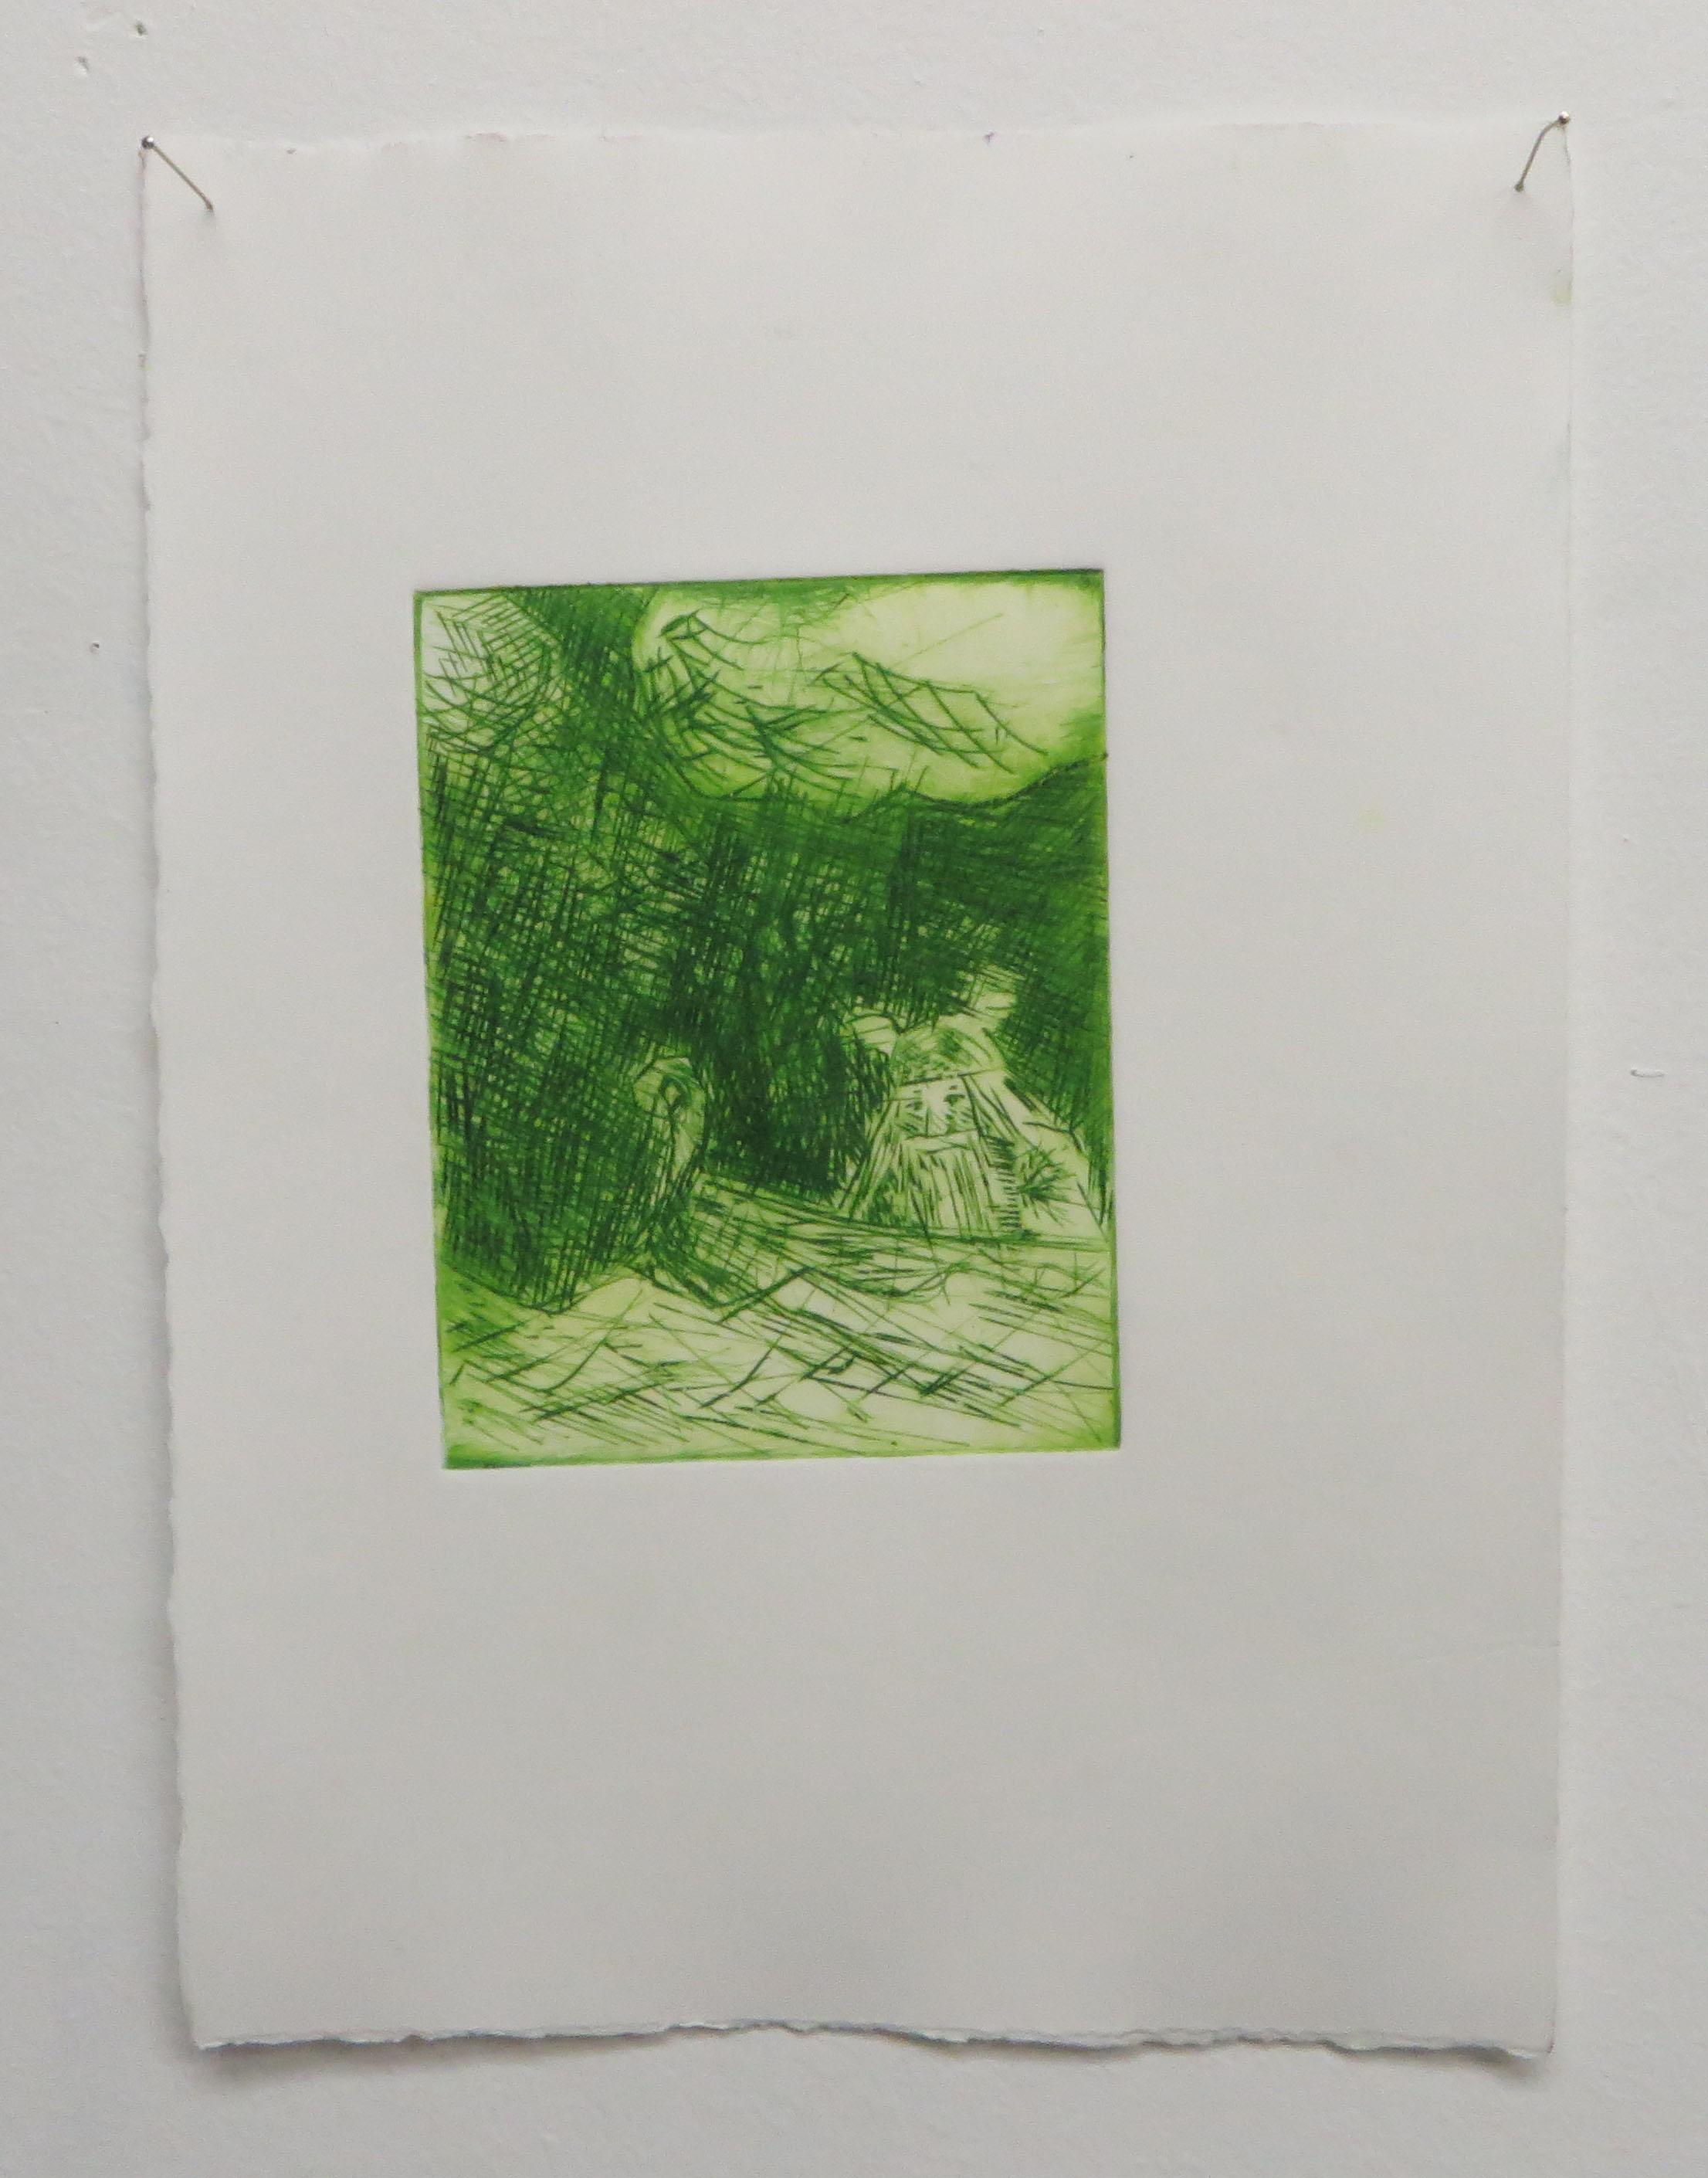 Viking (green), 2016